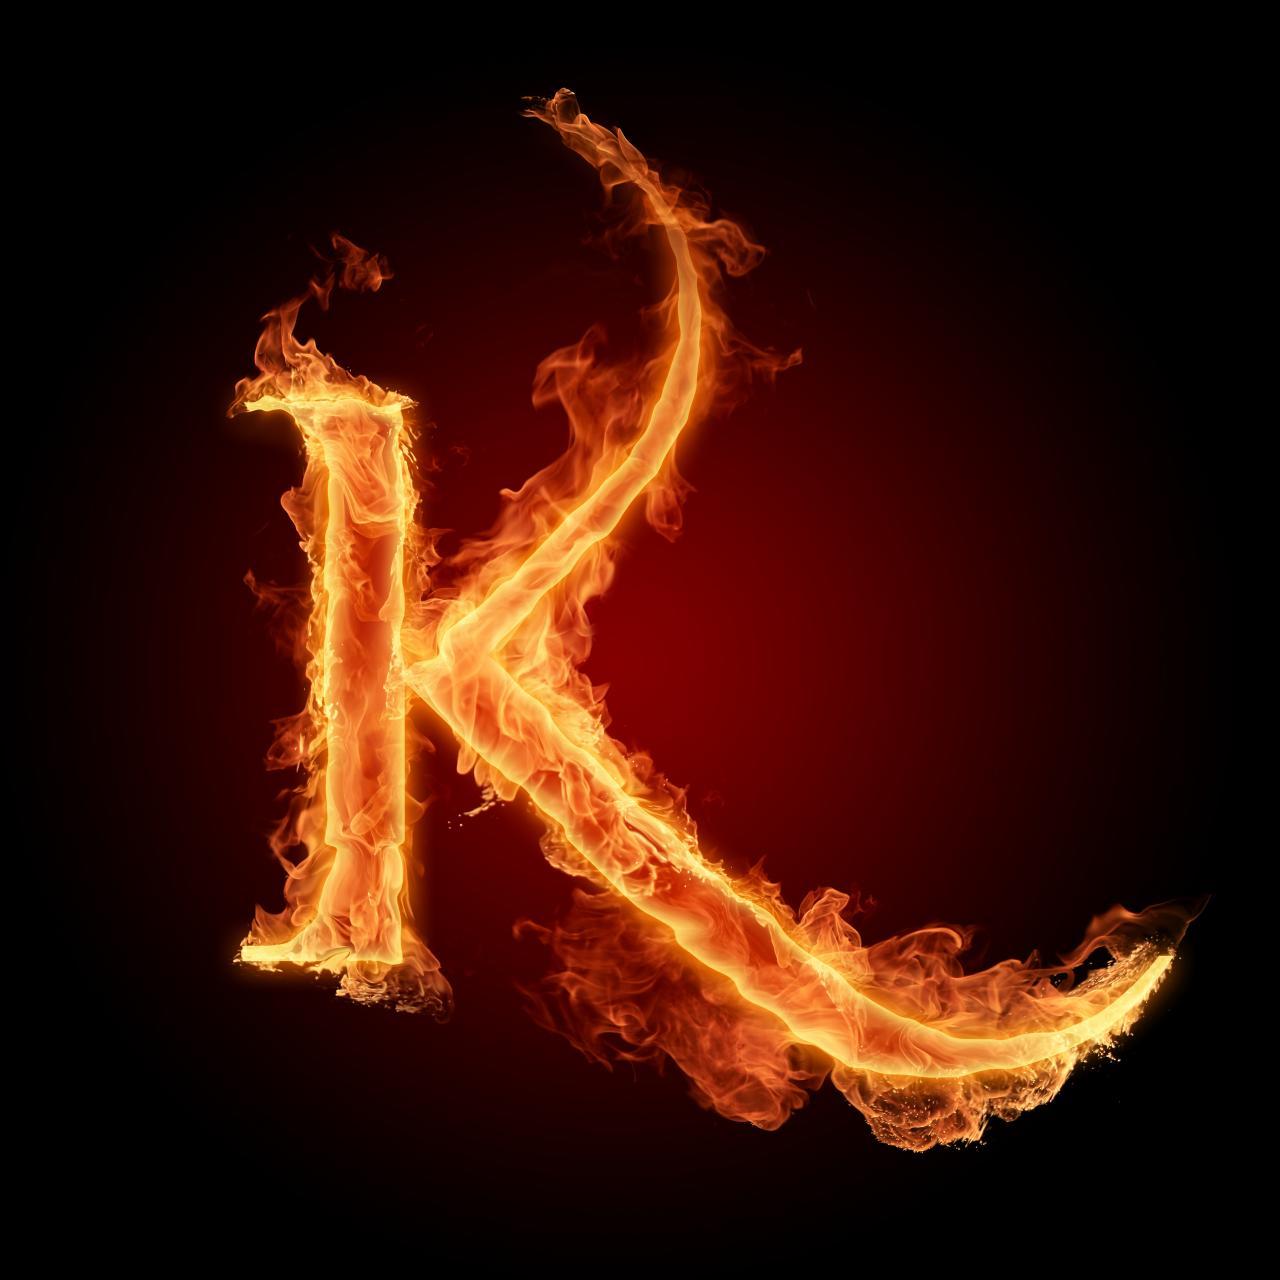 بالصور صور حرف k , تصاميم لحرف k بشكل مرح وجذاب 532 7